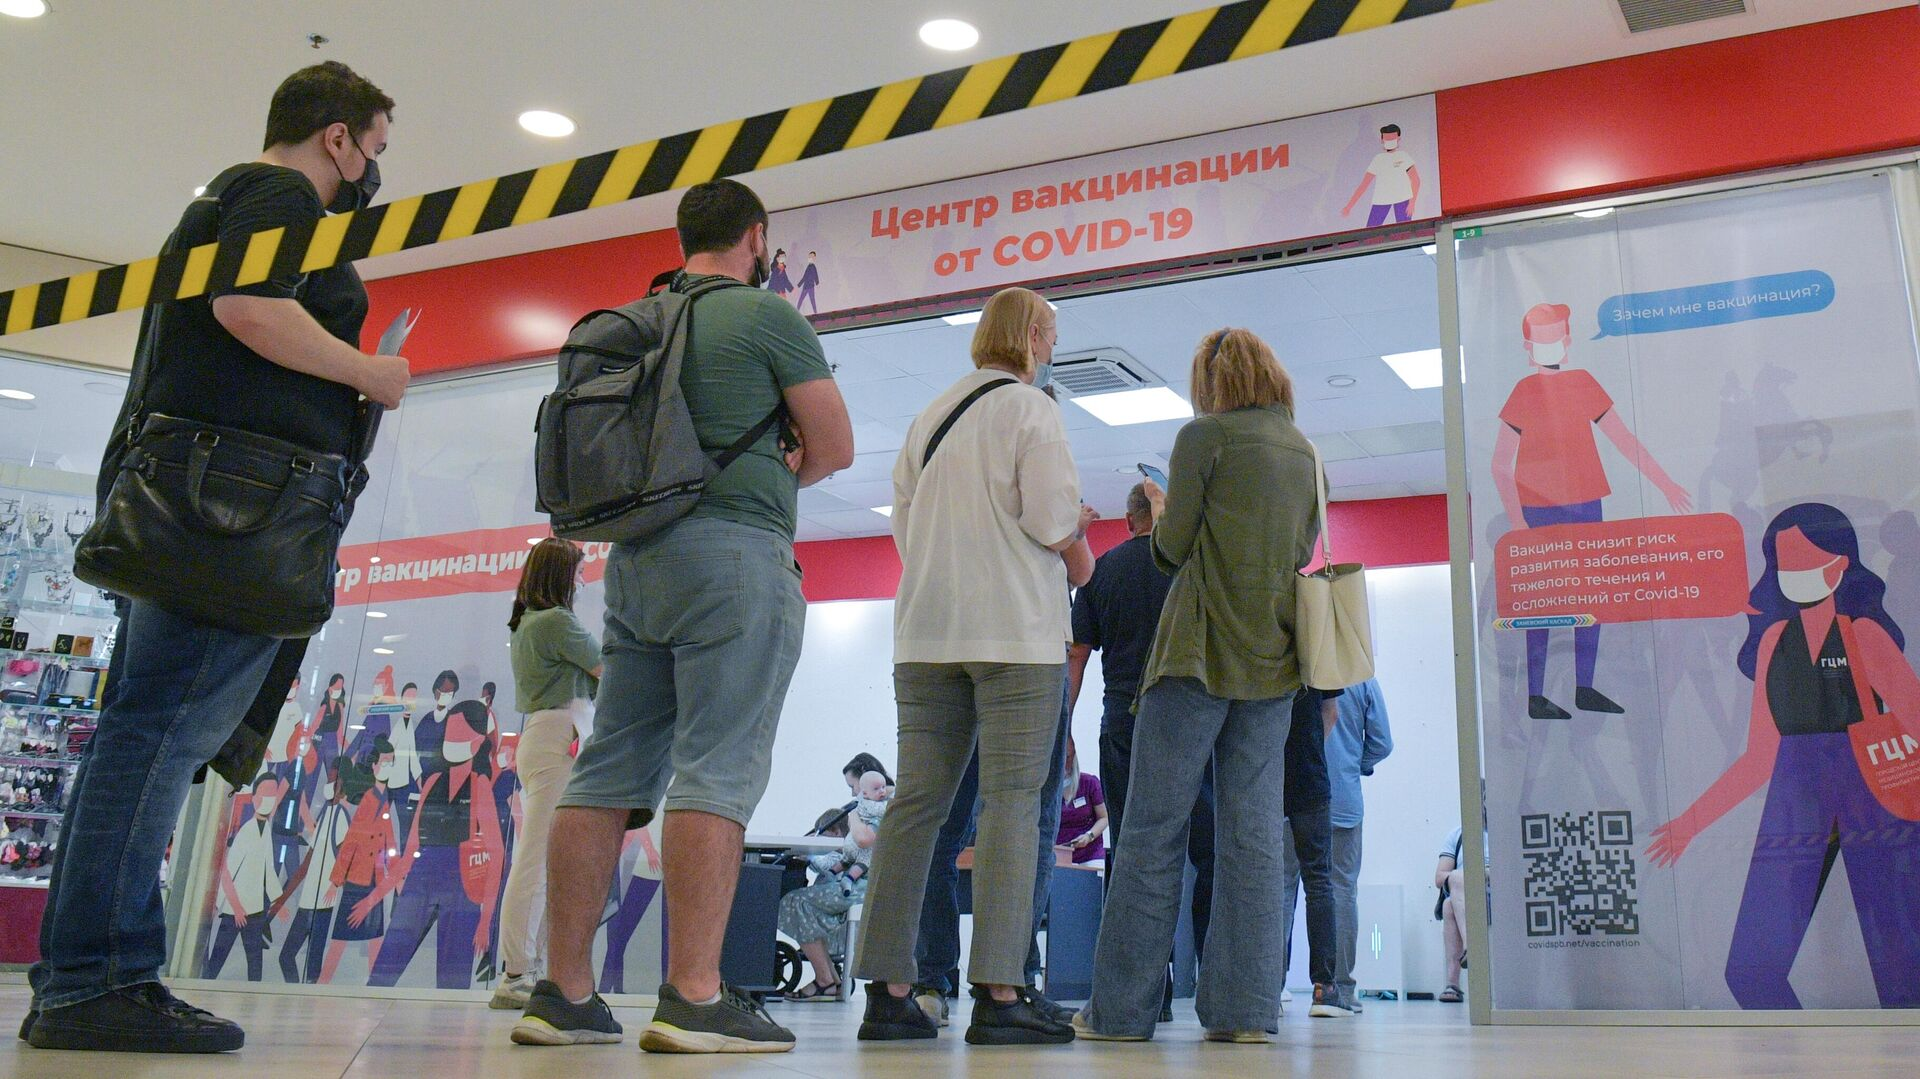 Люди в очереди на вакцинацию от коронавируса в ТК Заневский каскад в Санкт-Петербурге - РИА Новости, 1920, 01.08.2021